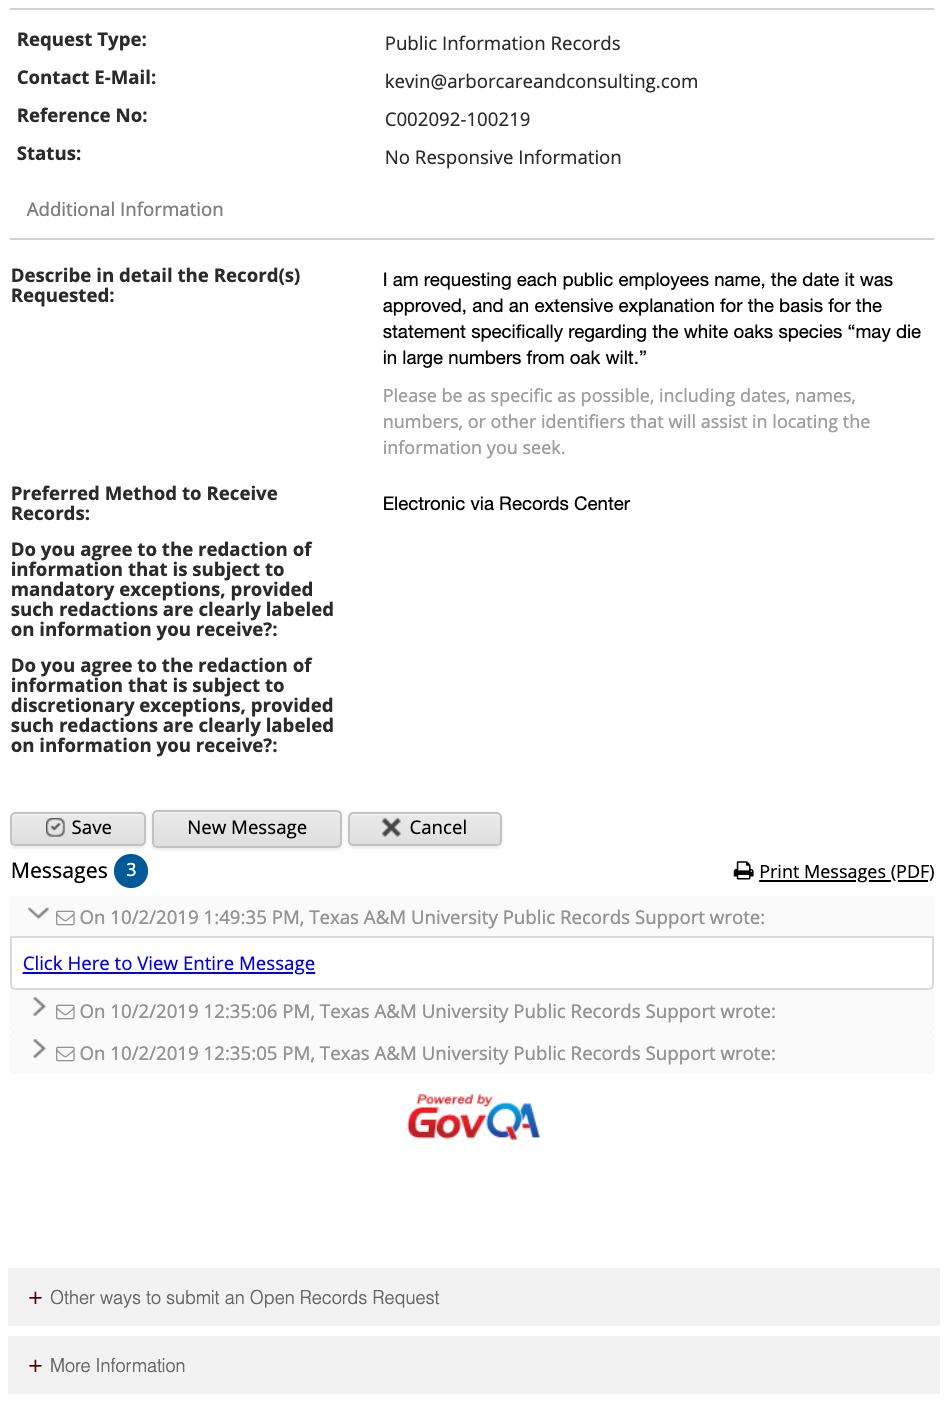 Public Information Act Oak Wilt Image 3